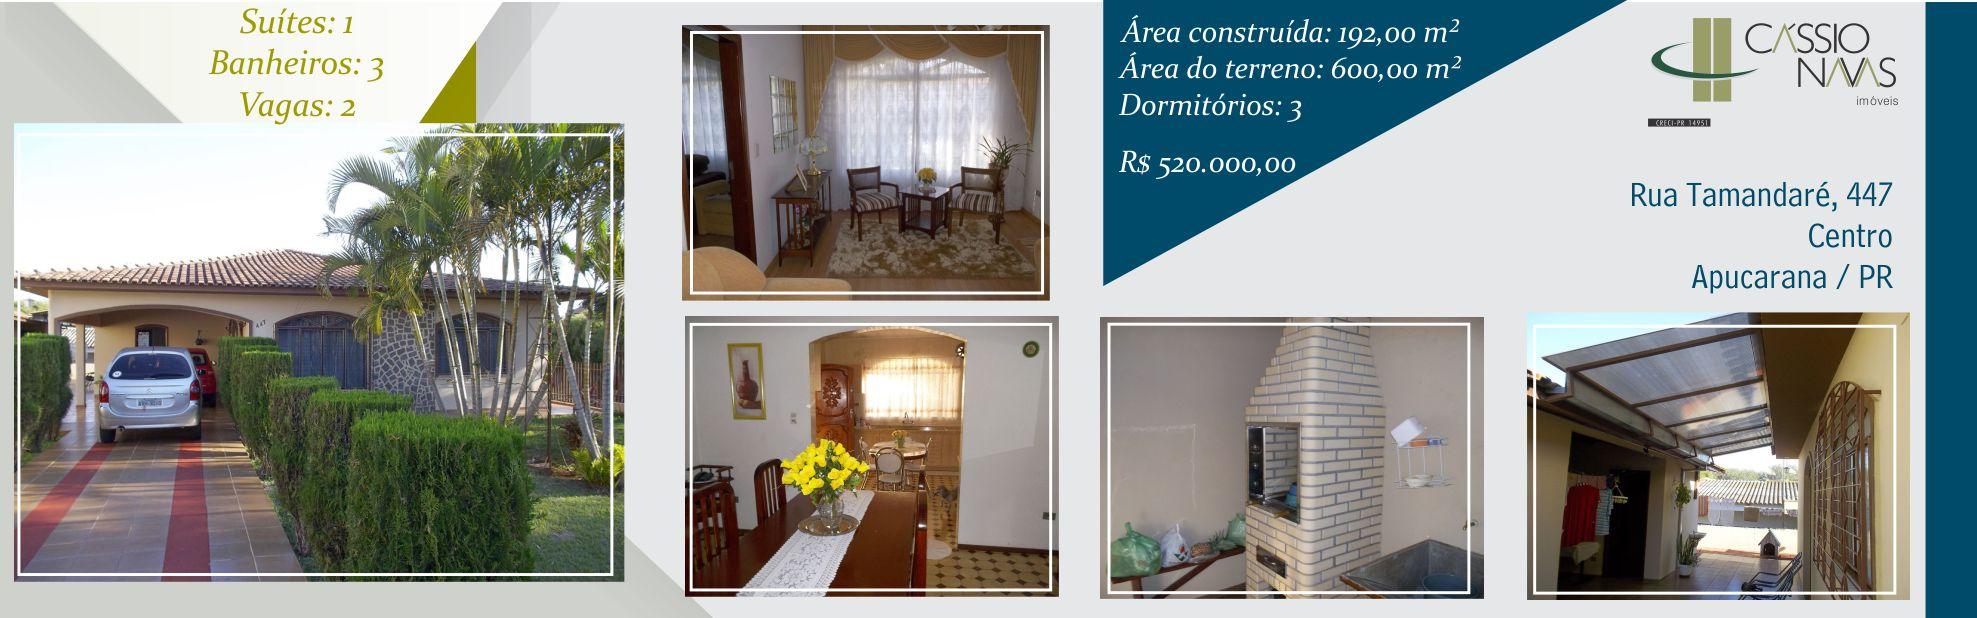 Residência Rua Tamandaré nº 447